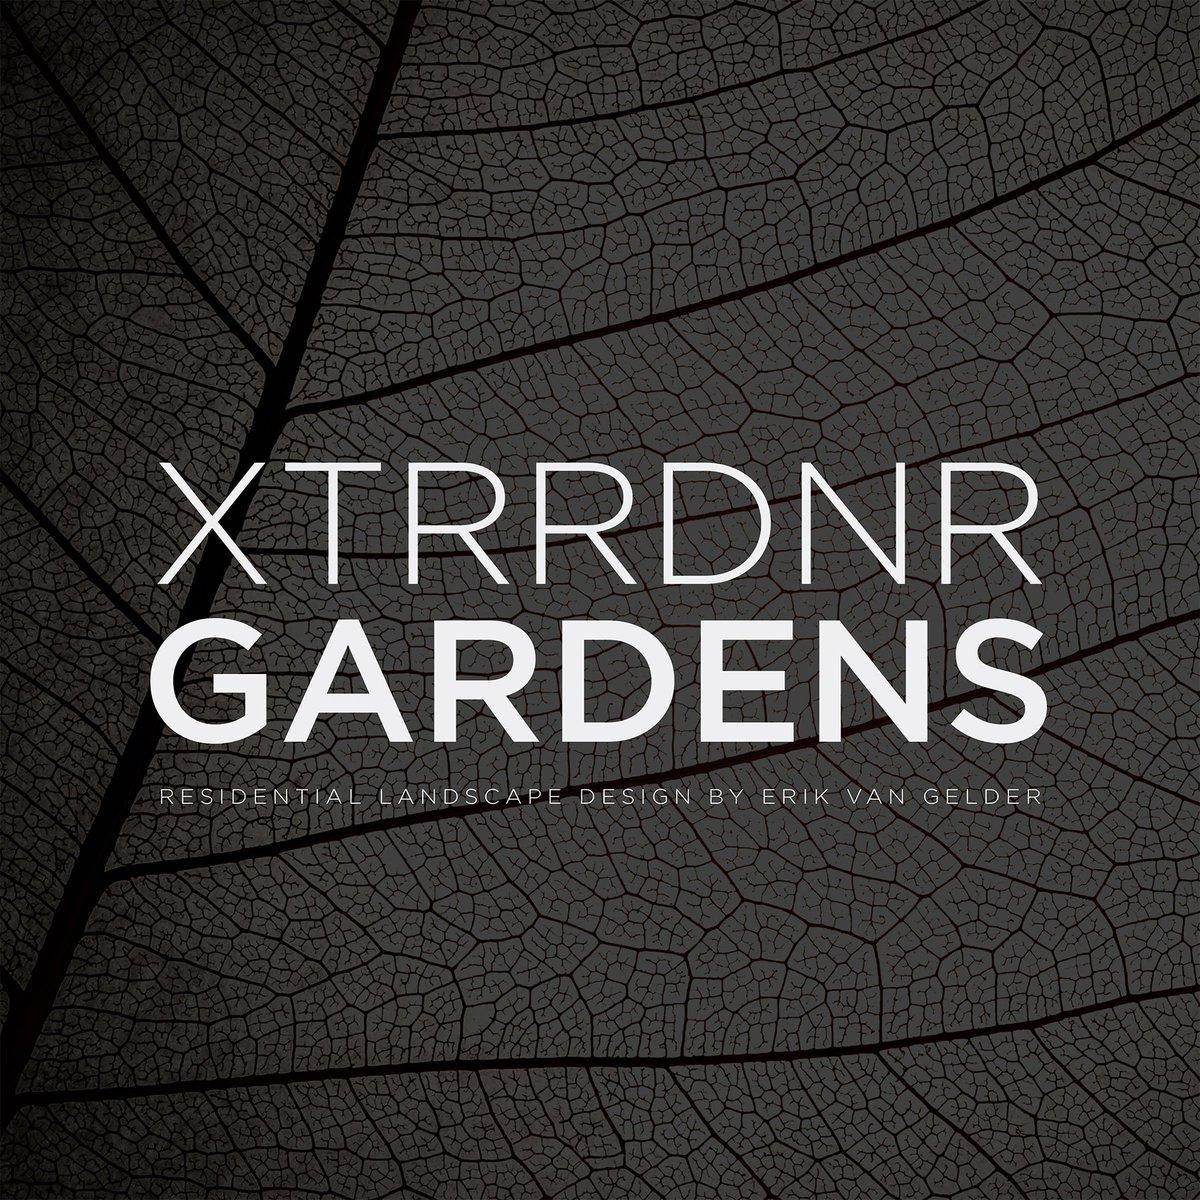 Garden Design Books 2016 Container Gardening Ideas